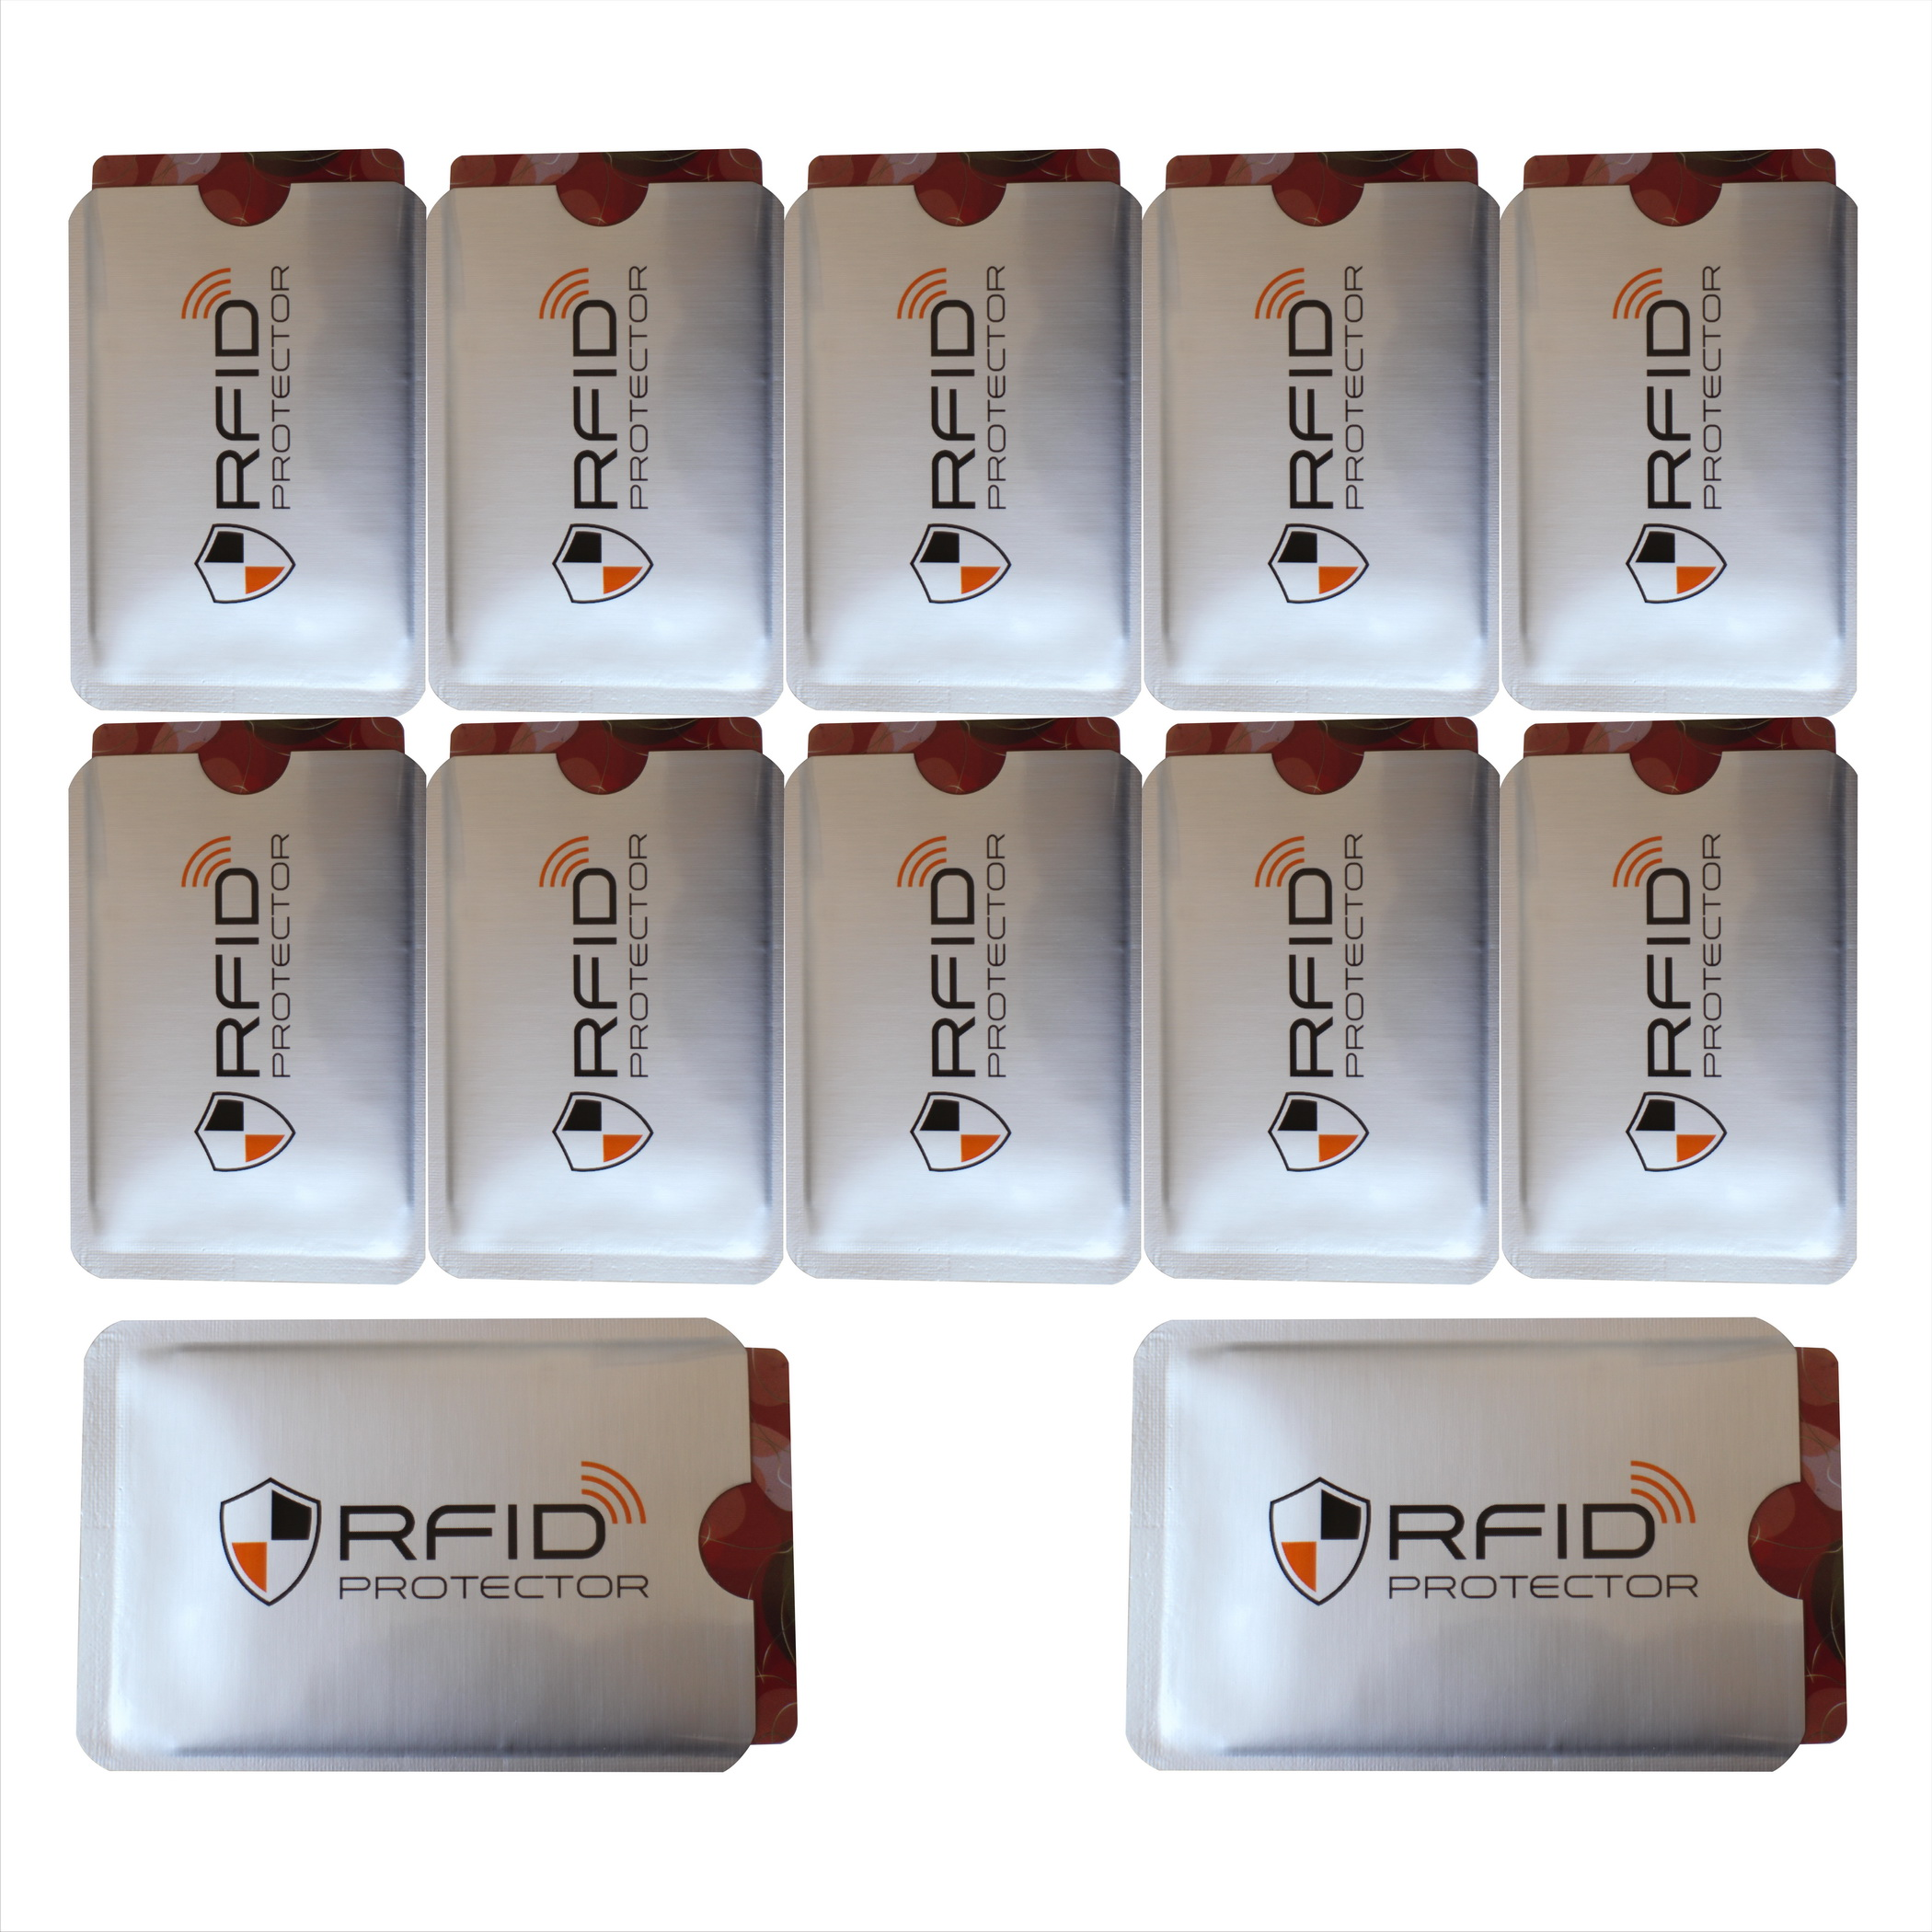 Livraison gratuite 1000 pièces Anti vol RFID bloquant la carte protecteur manchon pour empêcher la numérisation non autorisée de la carte, OEM bienvenue-in Porte-cartes d'identité from Baggages et sacs    3